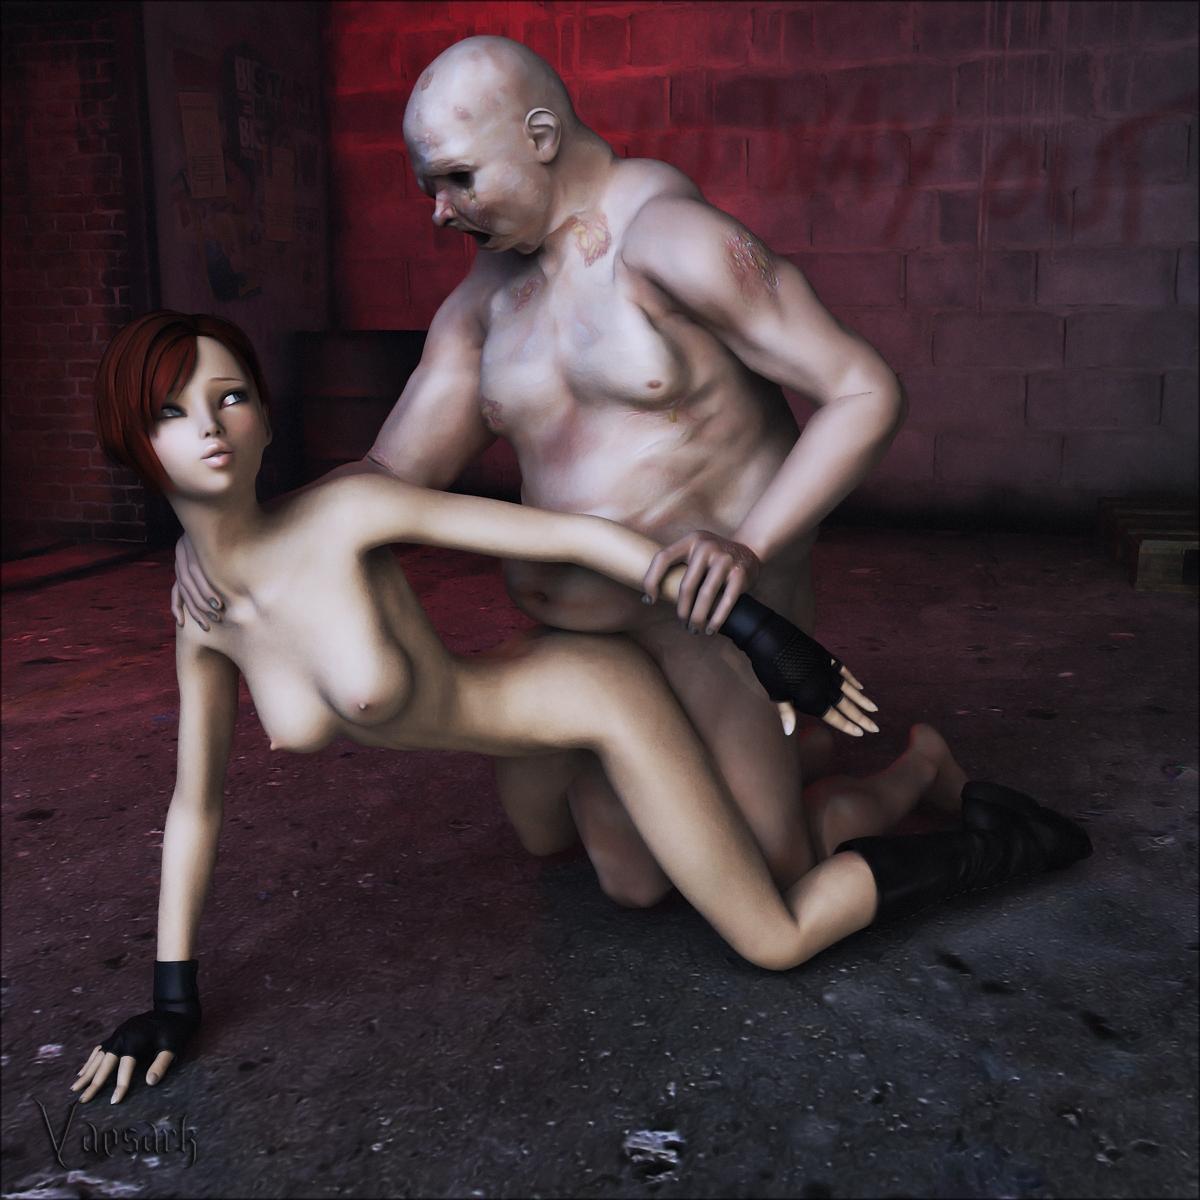 Image of nude zombie style hentai photo